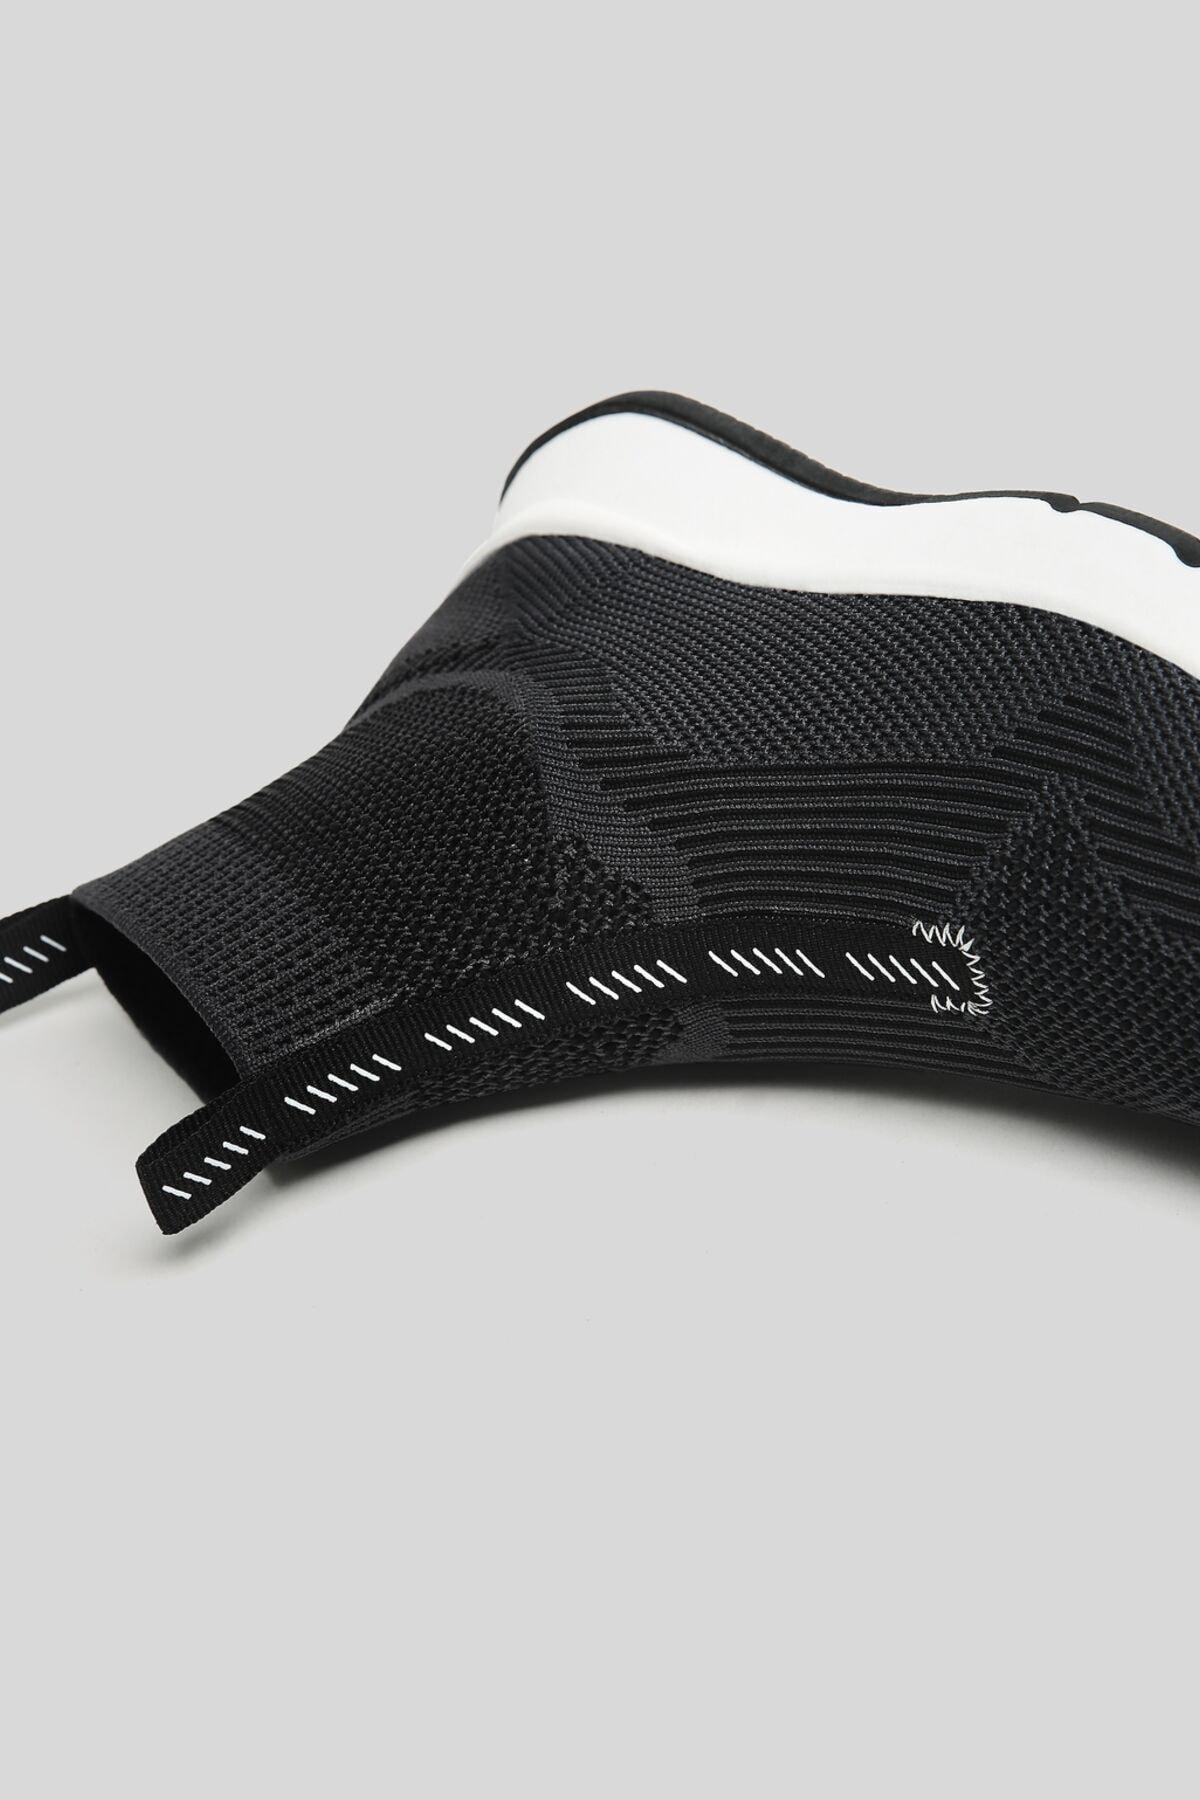 Bershka Kadın Siyah Çorap Model Örgü Yüksek Bilekli Spor Ayakkabı 11510760 4